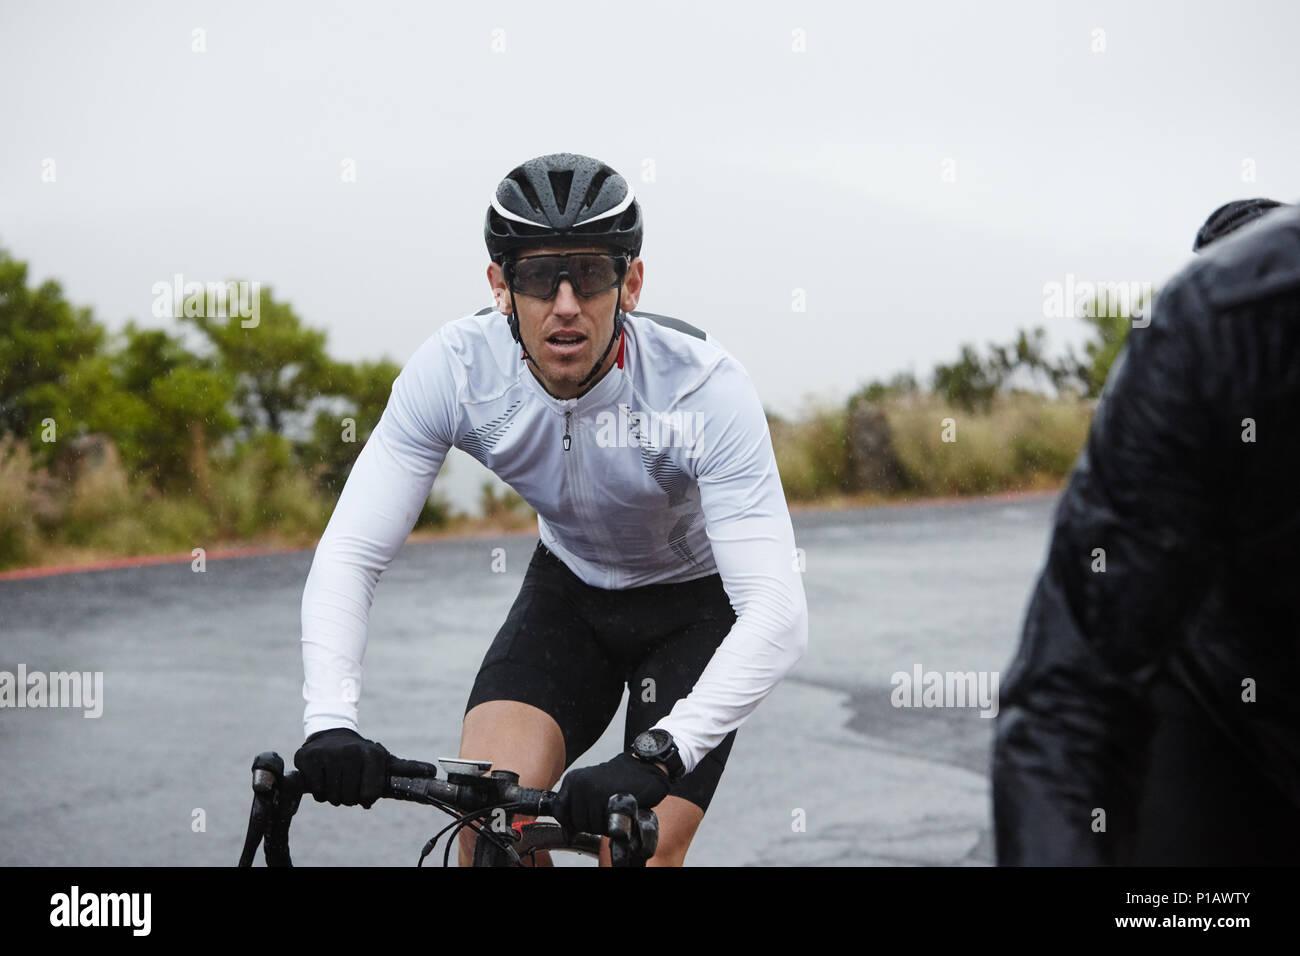 Vélo Cycliste masculin dédié Banque D'Images